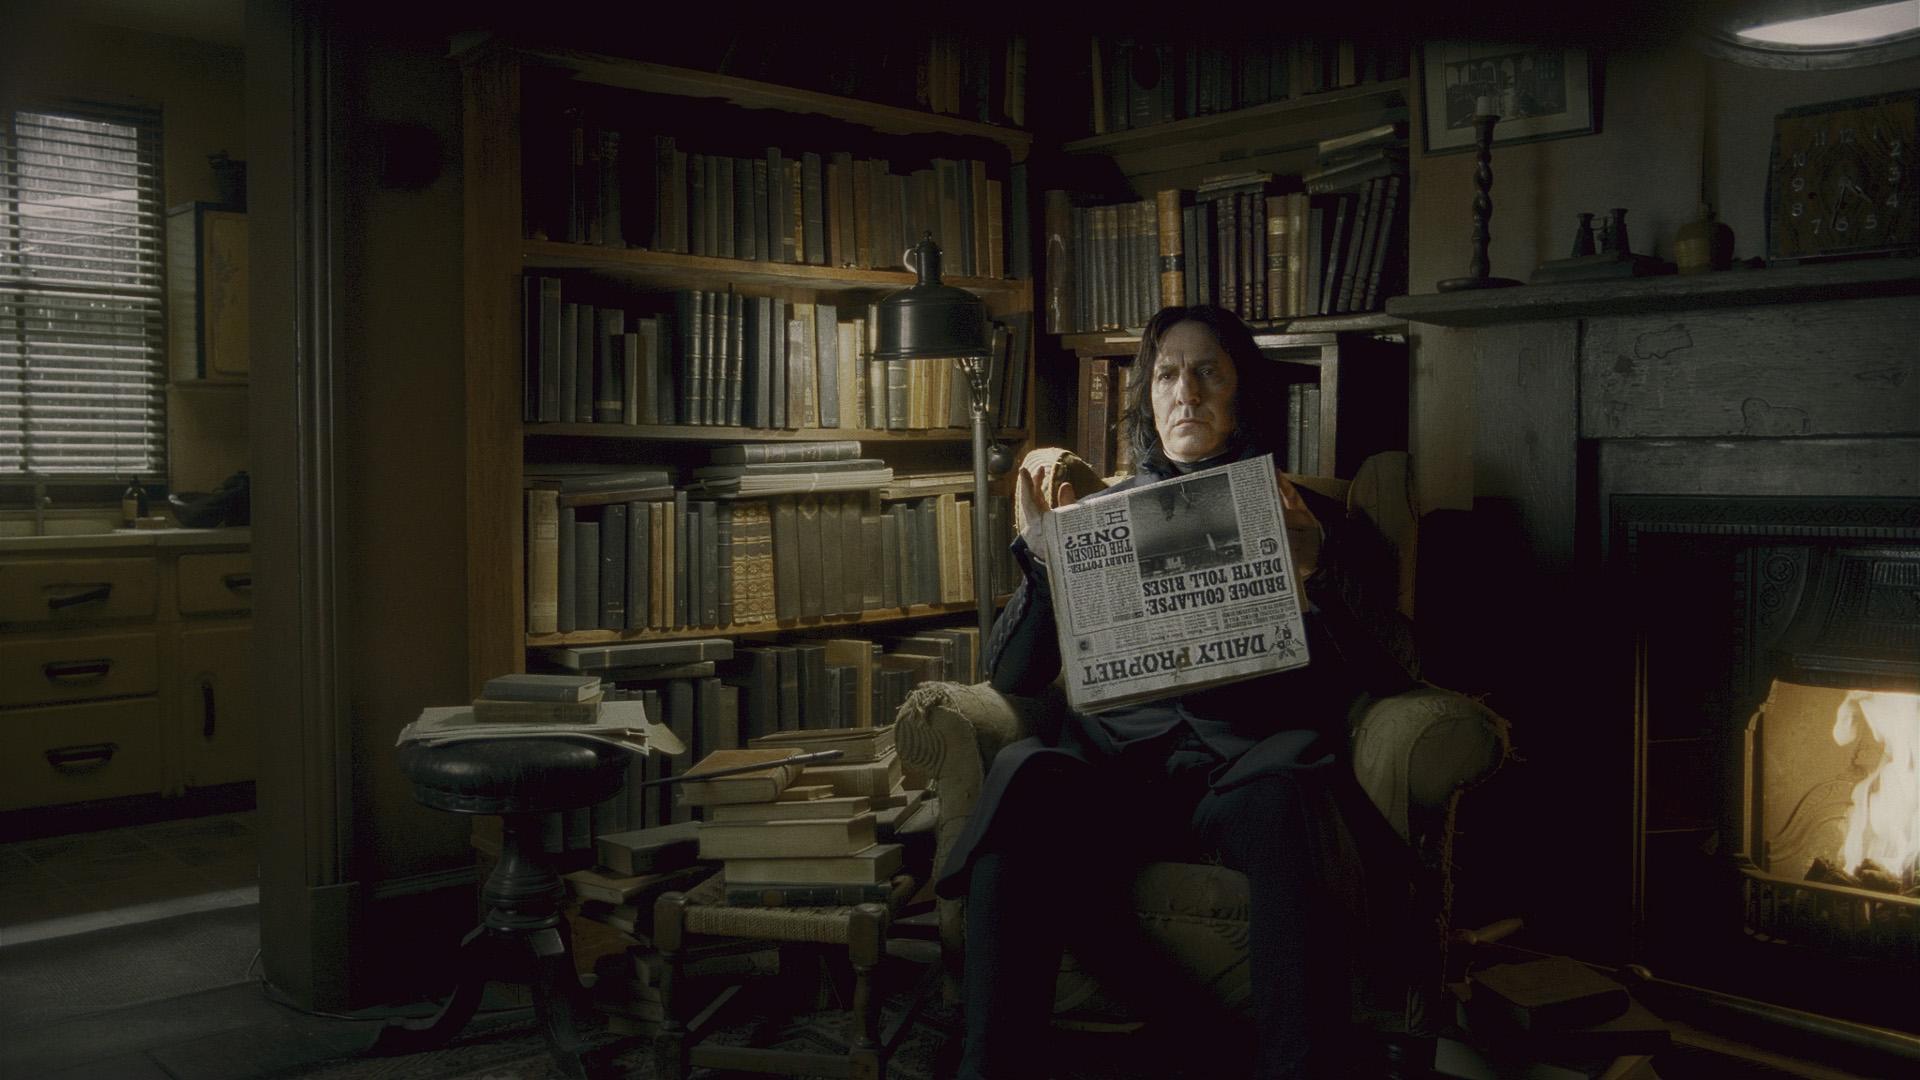 https://vignette.wikia.nocookie.net/harrypotter/images/c/c9/Severus_Snape_reading_the_Daily_Prophet.jpg/revision/latest?cb=20110327185216&path-prefix=ru